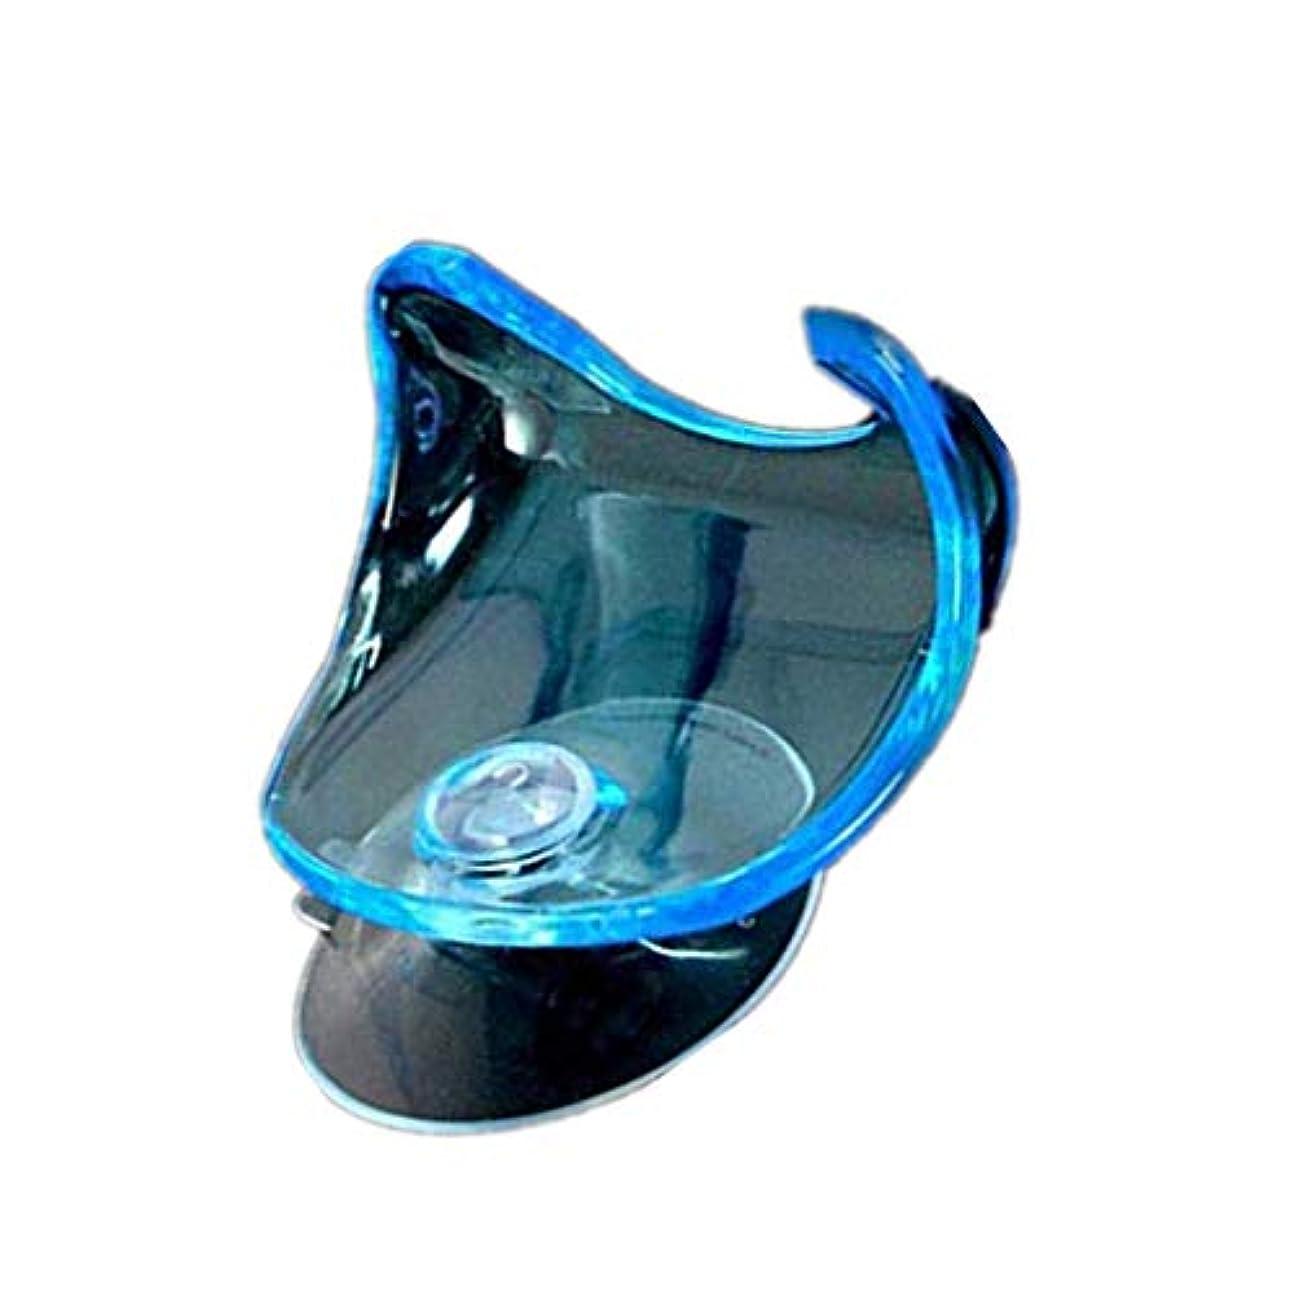 繁栄カートン価値ハンギングラッククリアストレージシェルフの浴室の吸盤サクションカップカミソリホルダー